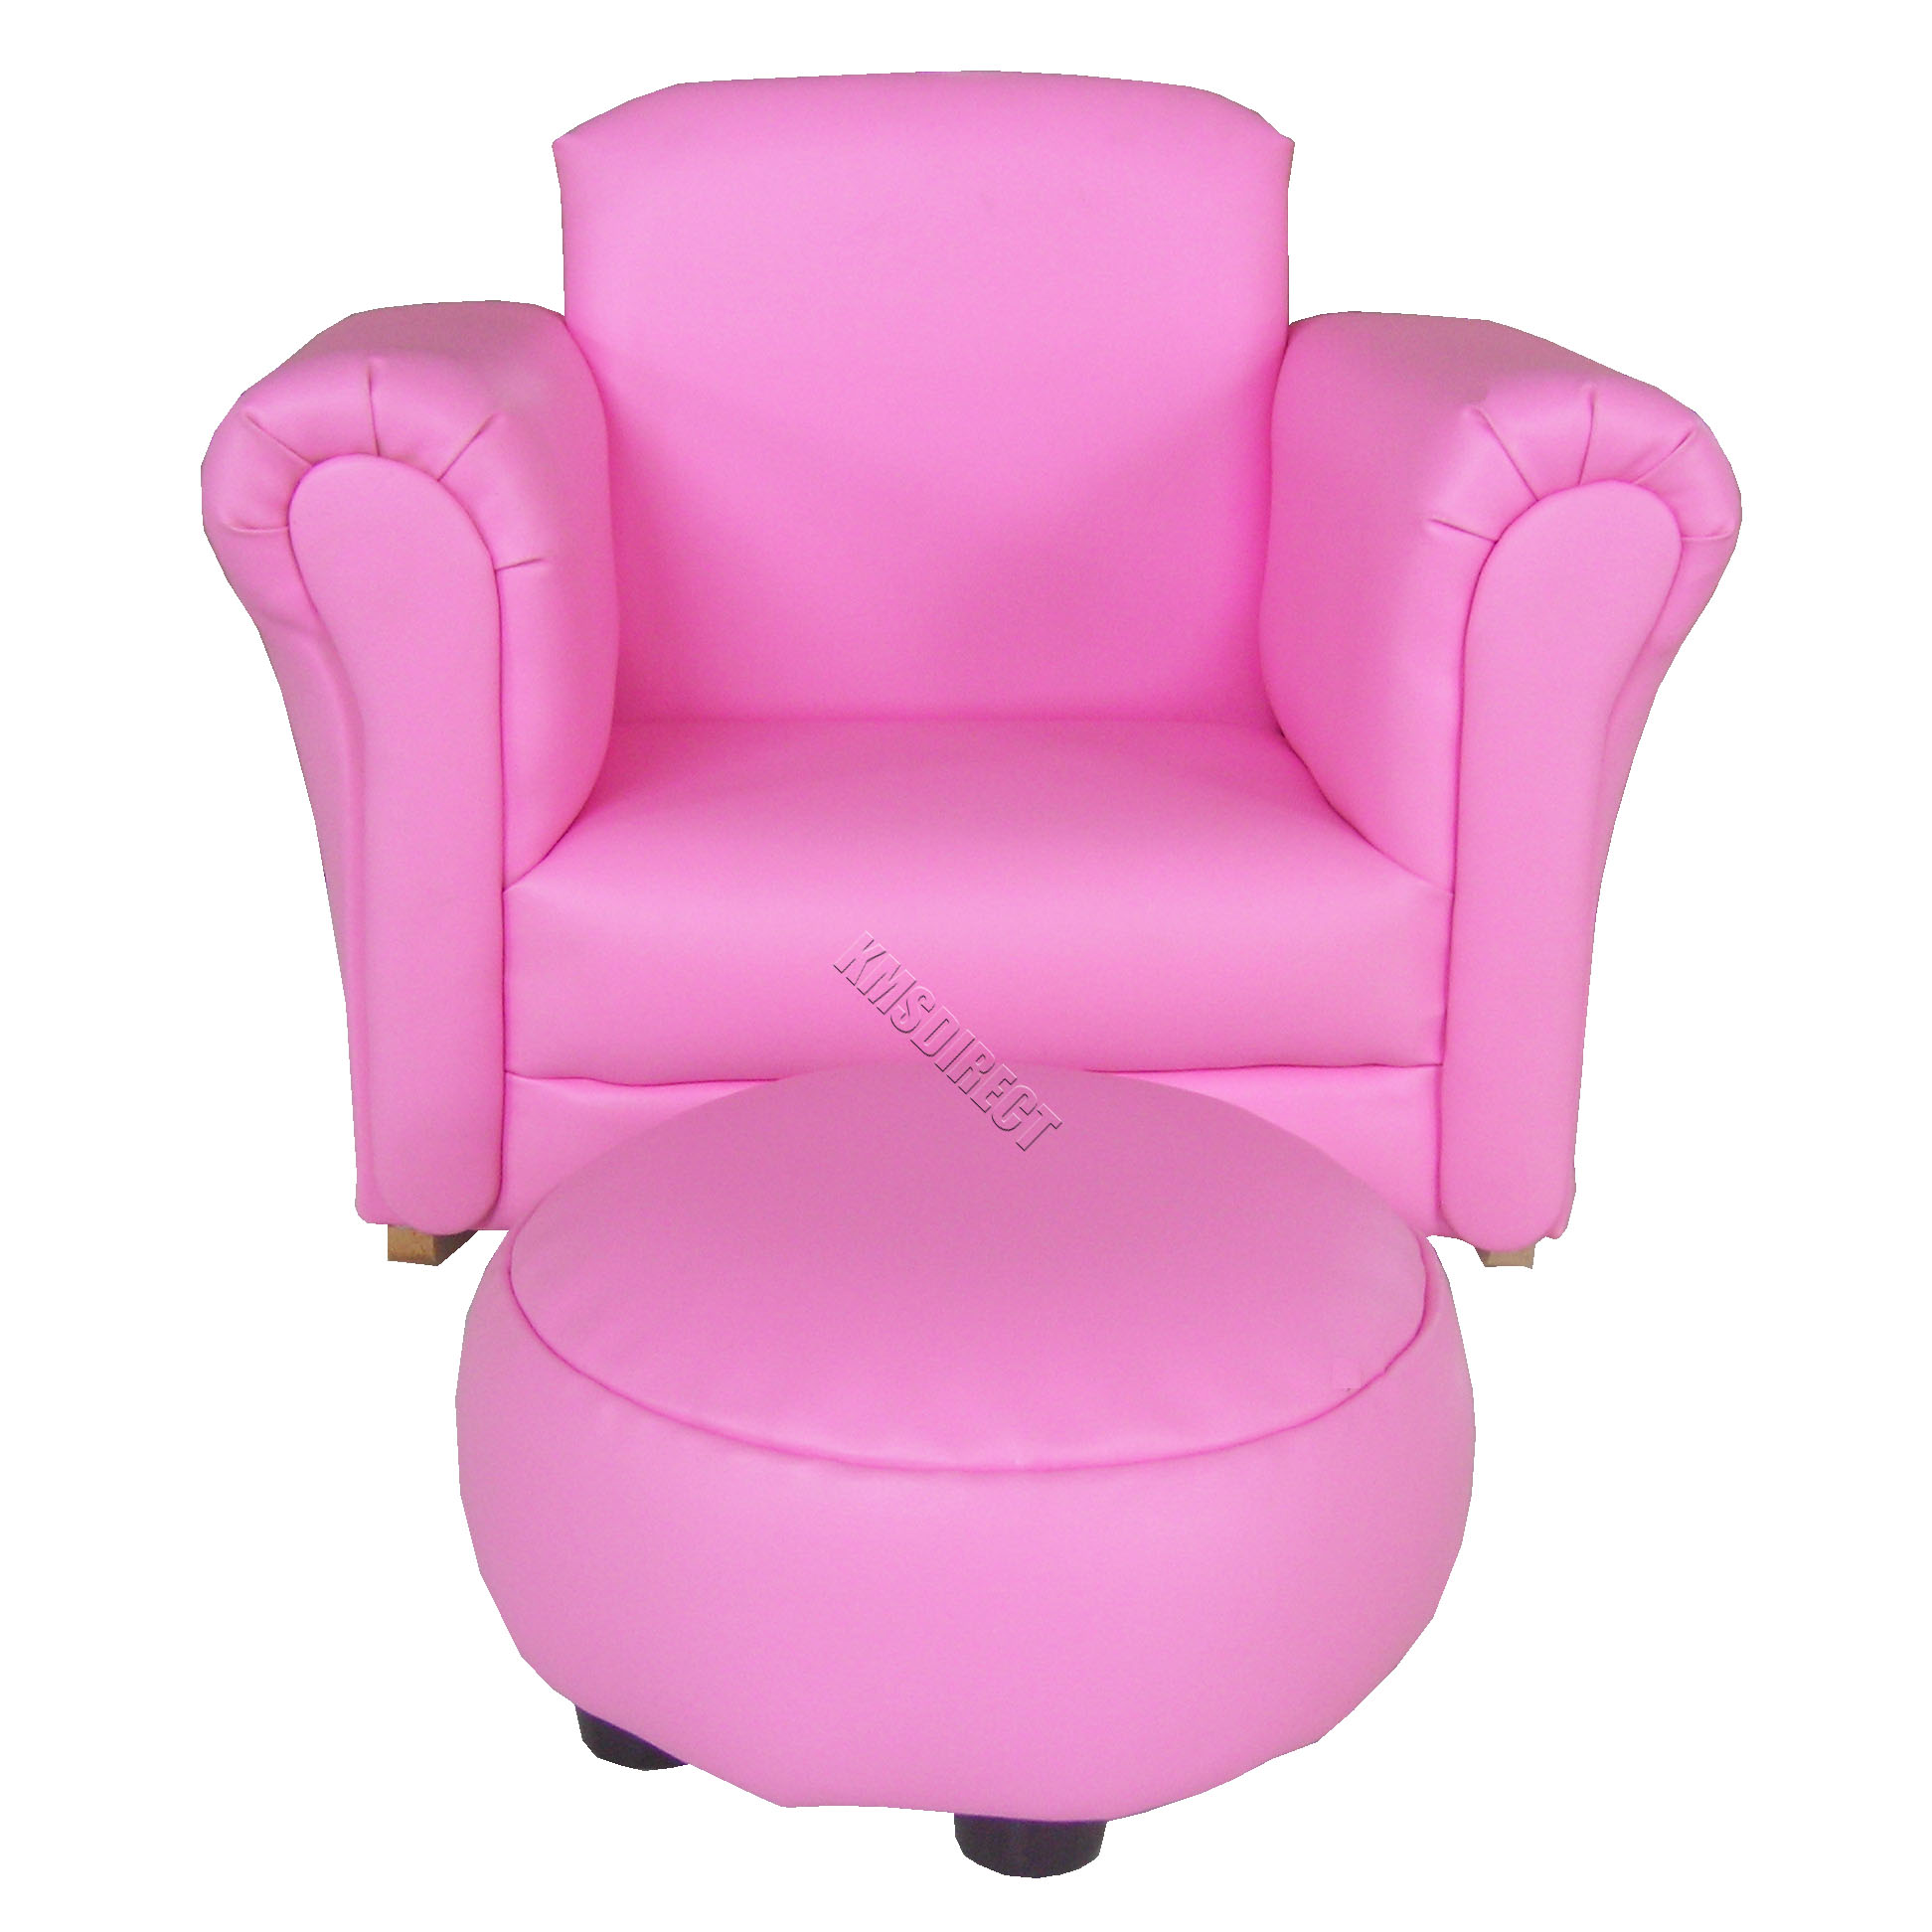 Dark Pink Children Kids Child Sofa Furniture Arm Chair